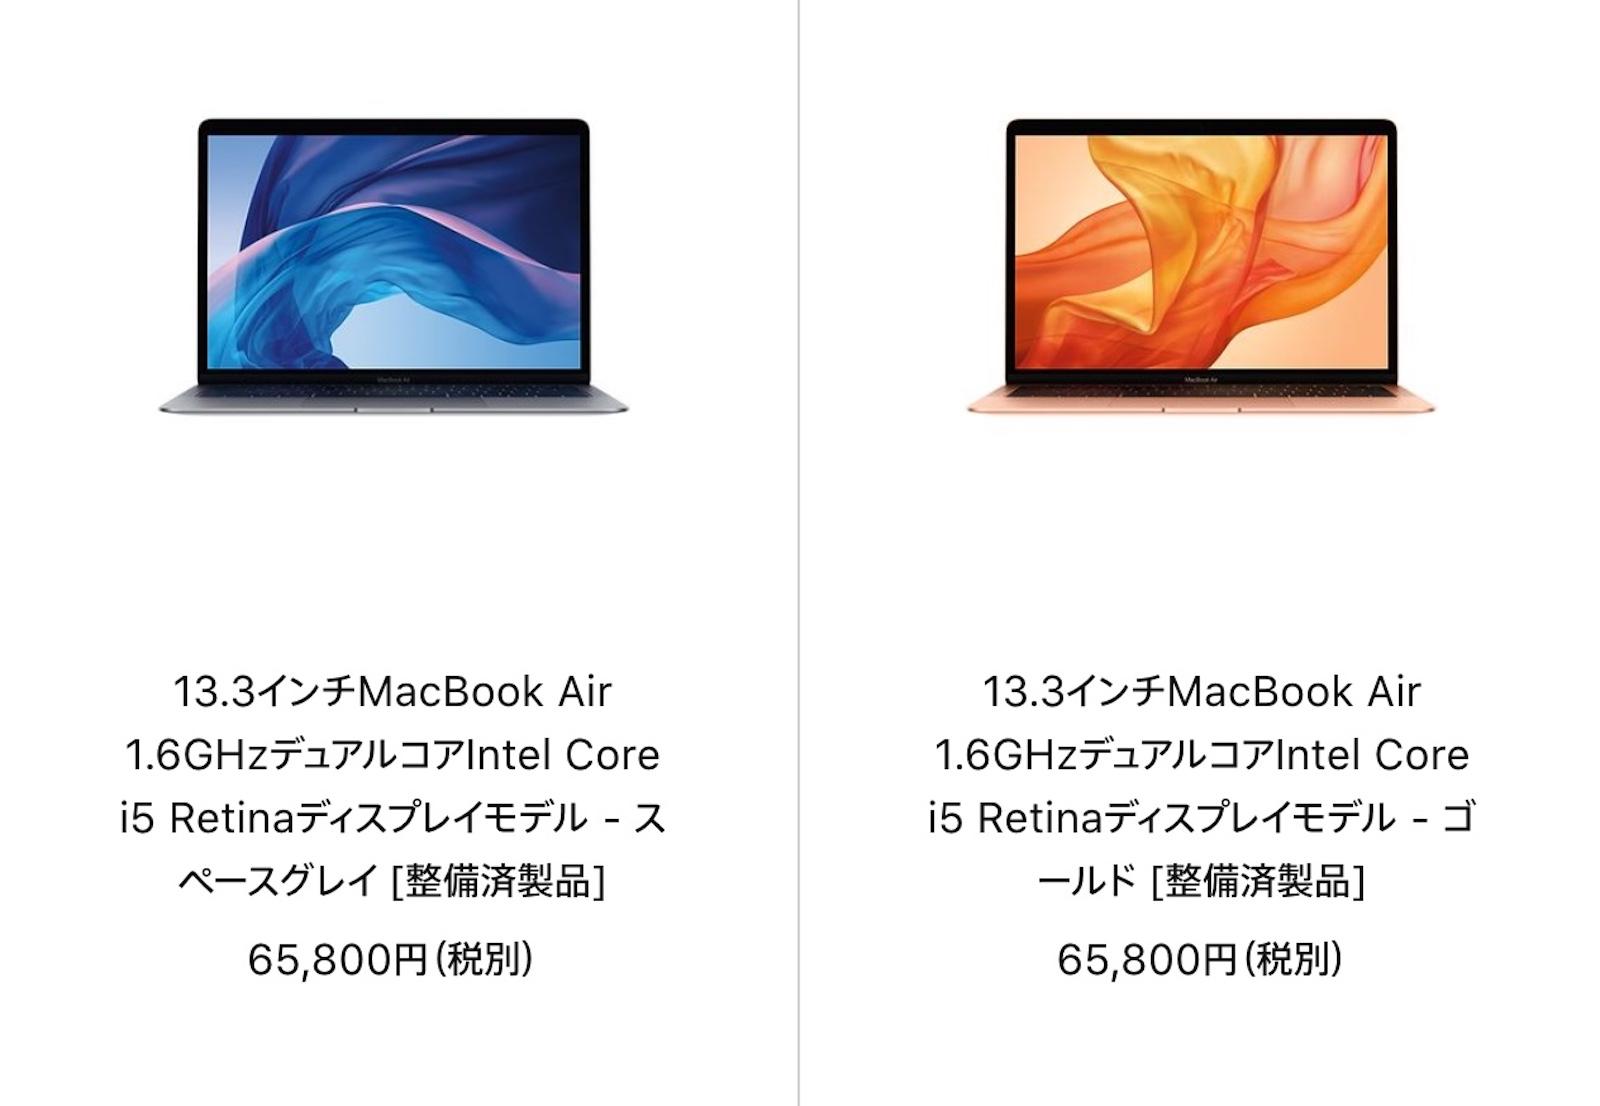 Macbok air refurbished models on sale